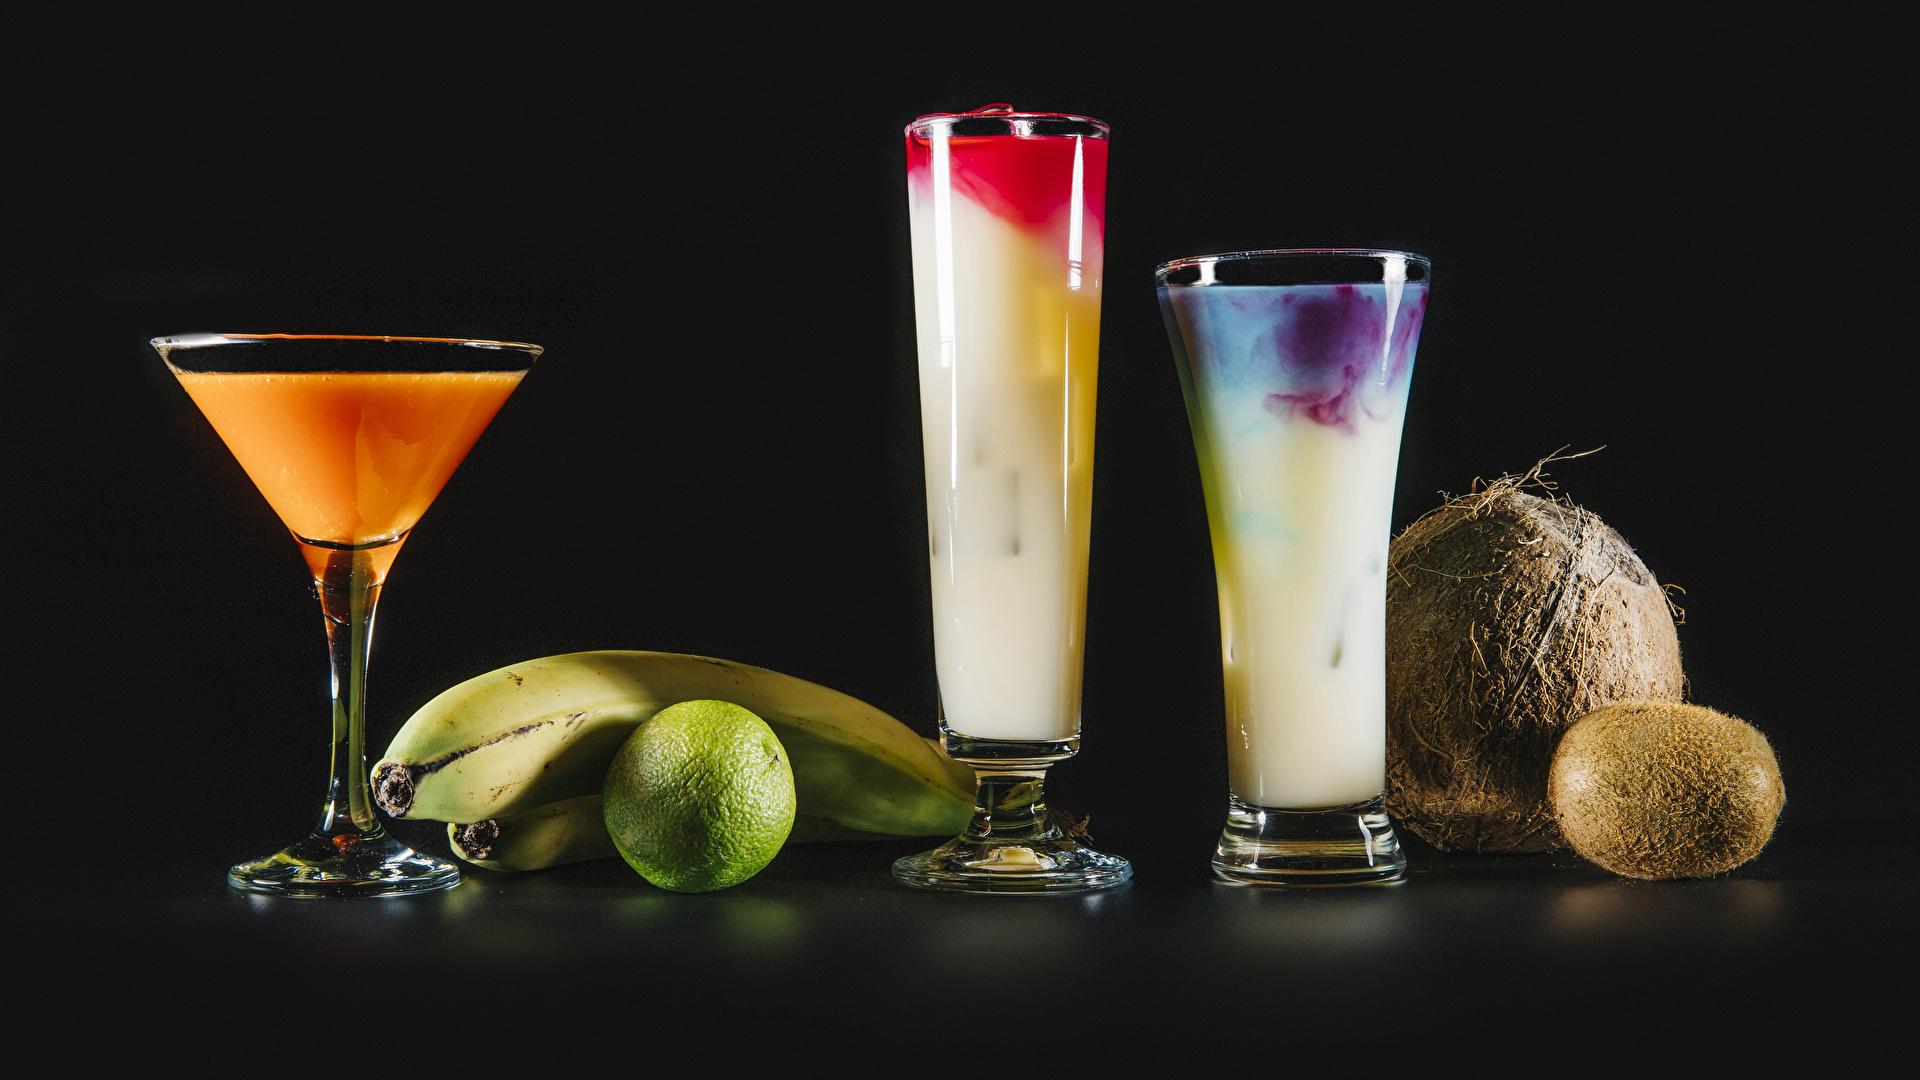 Картинки Лайм Киви Стакан Кокосы Бананы Коктейль Продукты питания Черный фон 1920x1080 стакана стакане Еда Пища